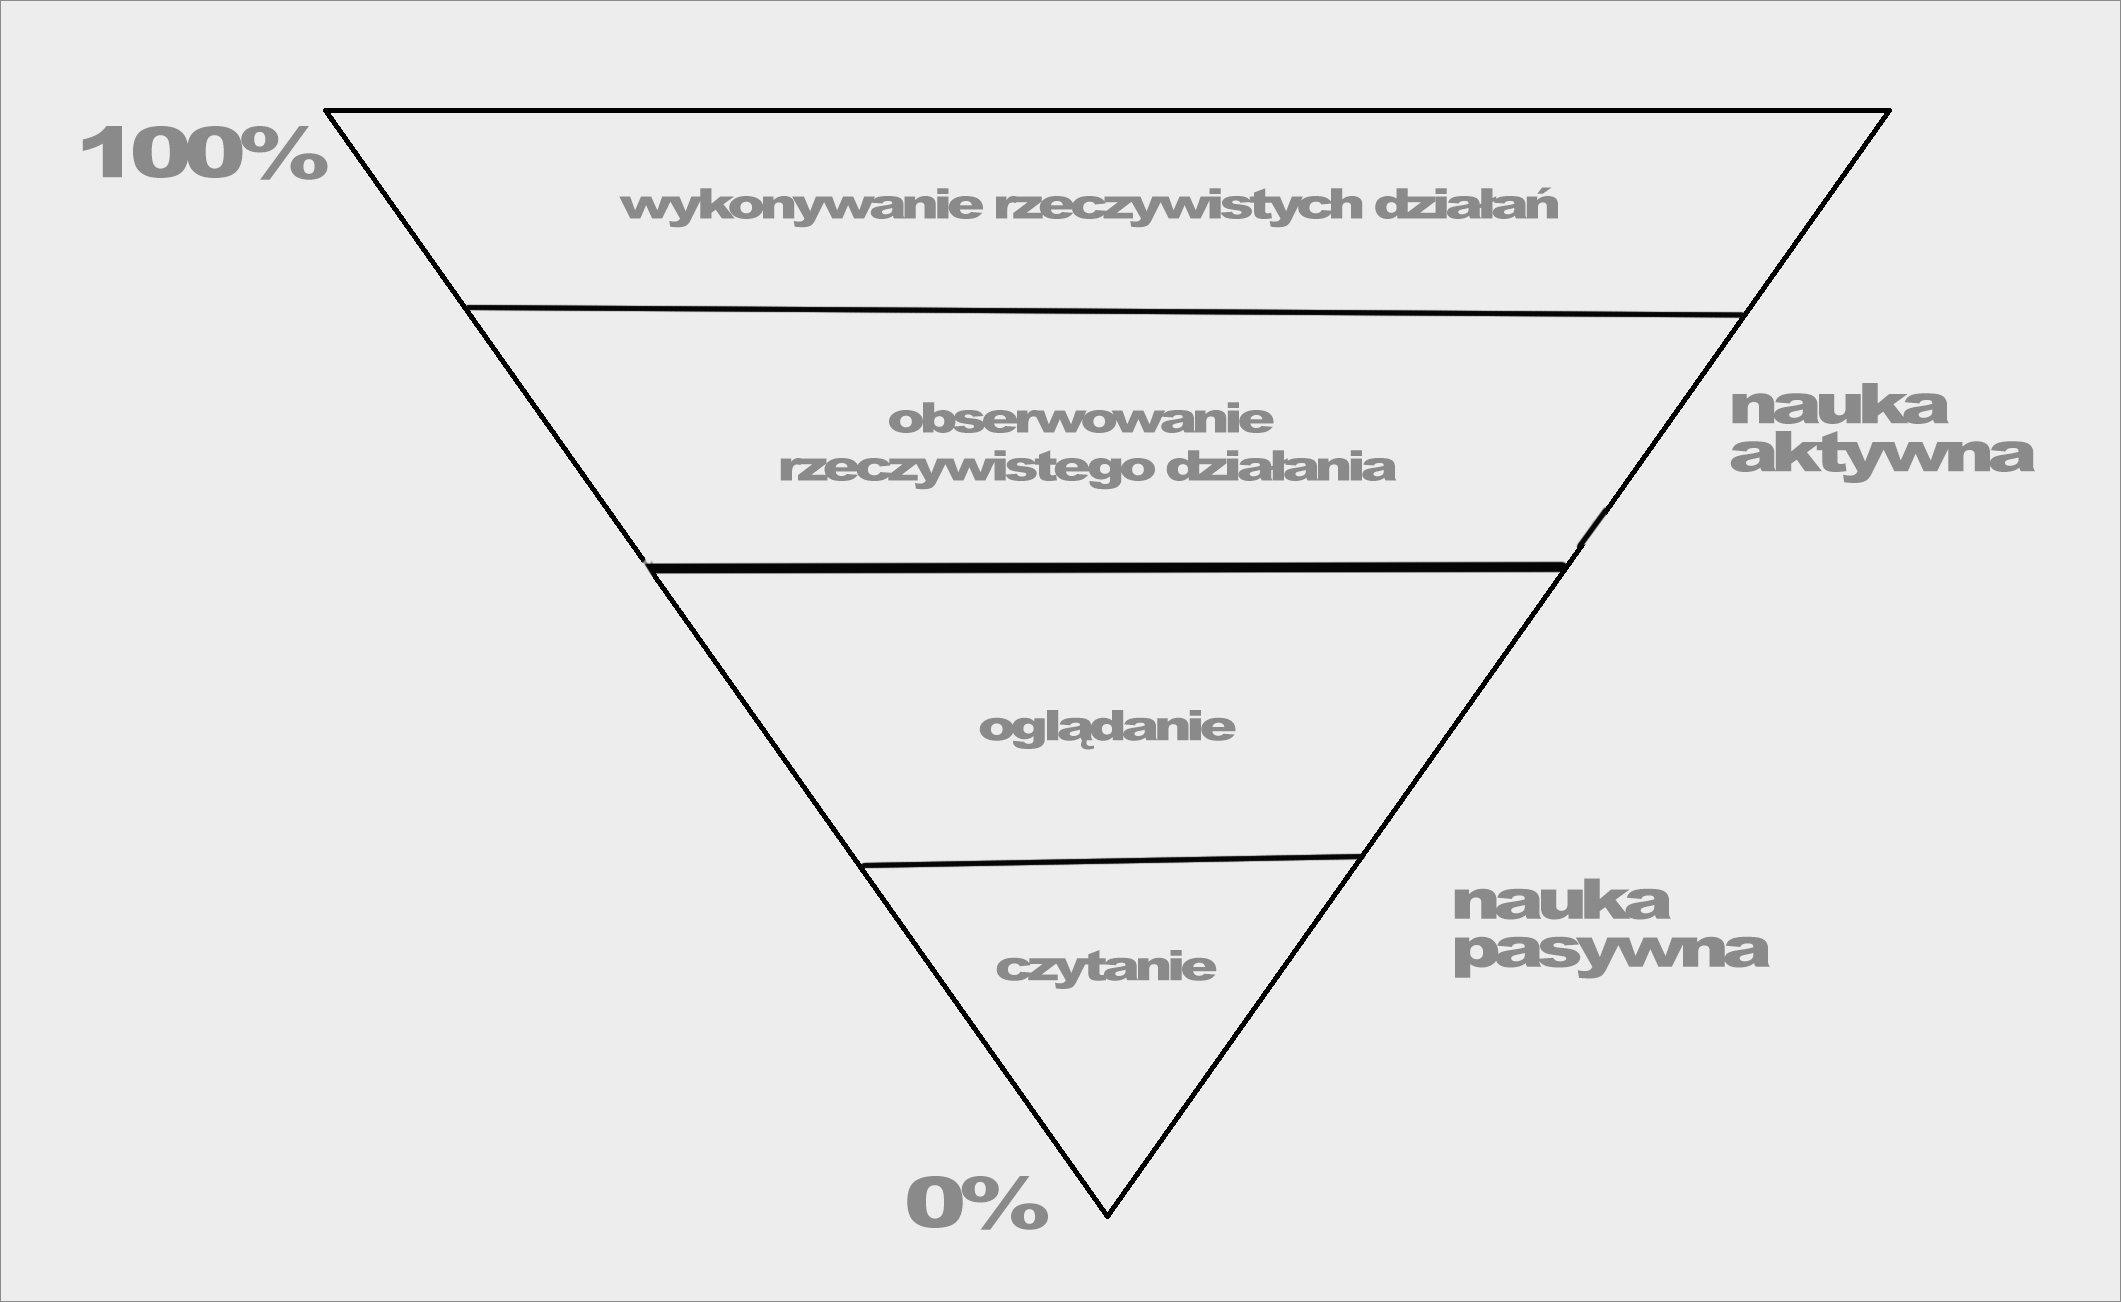 2017_03_02_jak_skutecznie_uczyc_sie_fotografii_piramida_dale_002